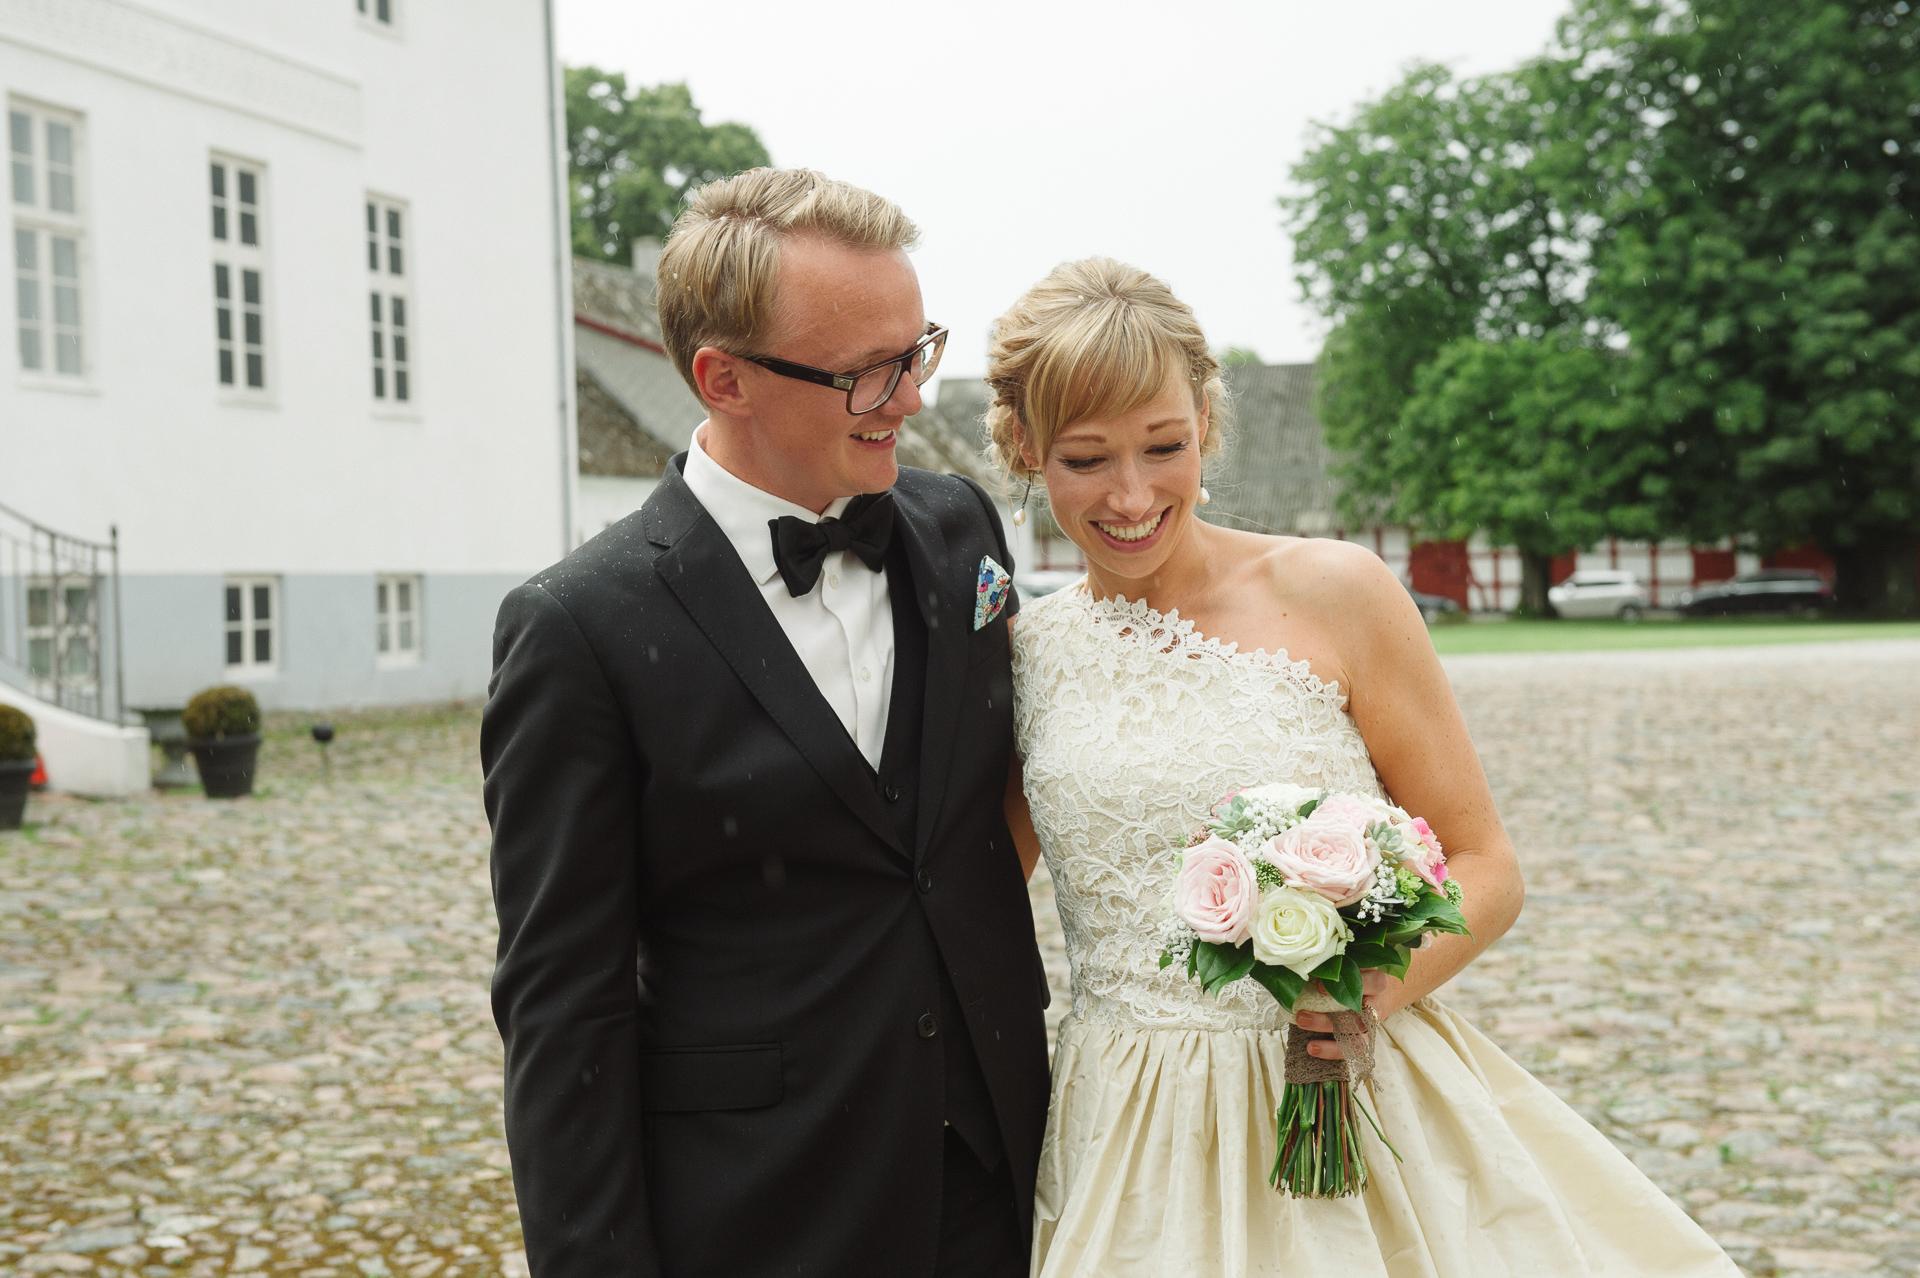 bryllup-wedding-jomfruens-egede-AK-Christian_32